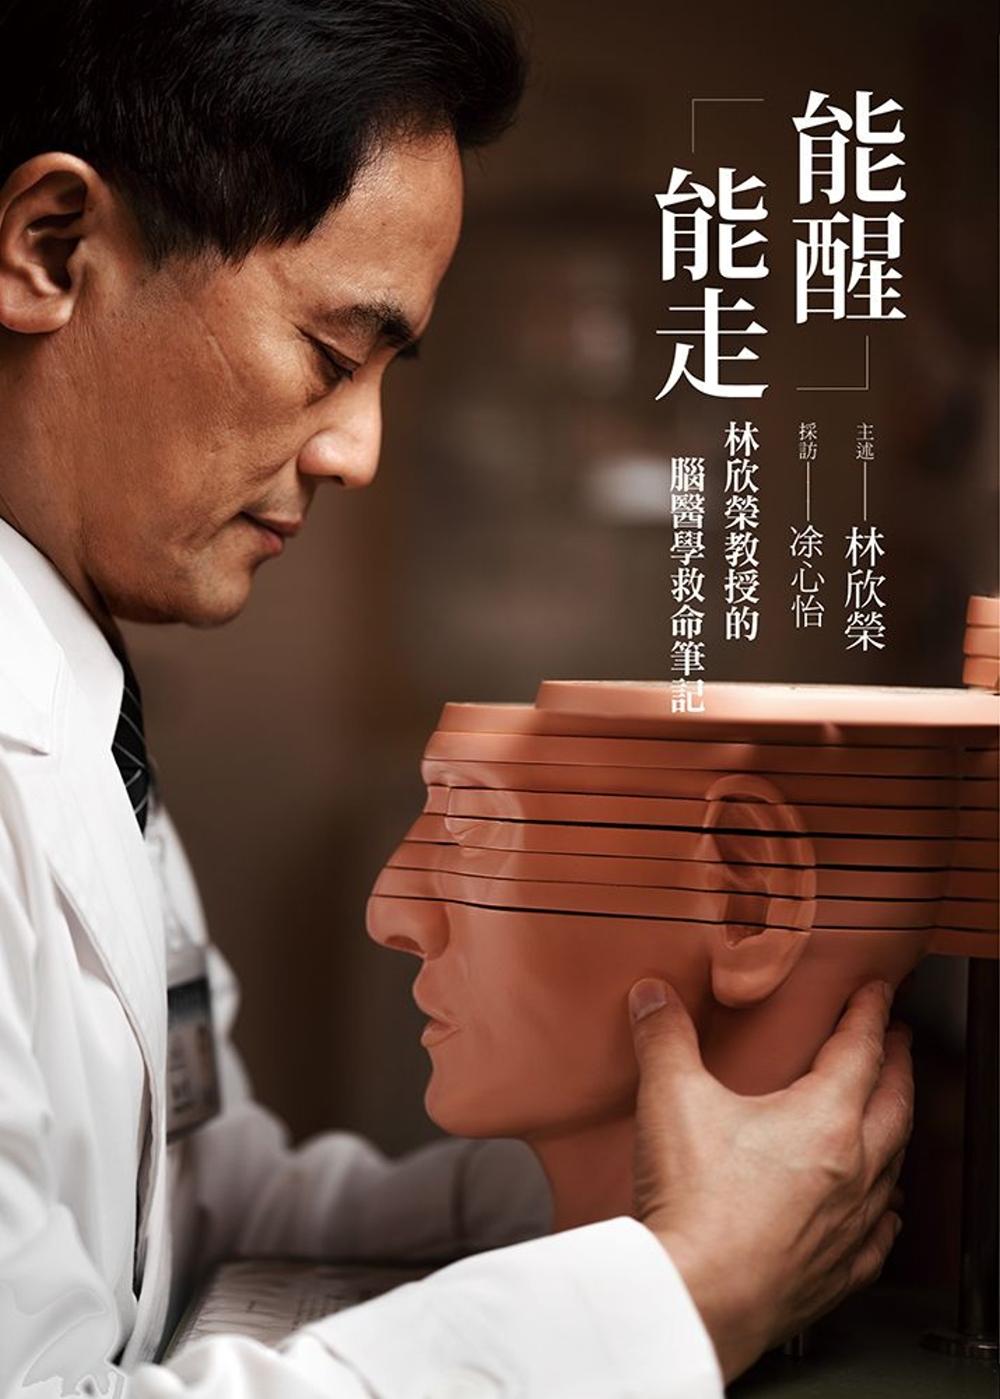 能醒.能走:林欣榮教授的腦醫學救命筆記